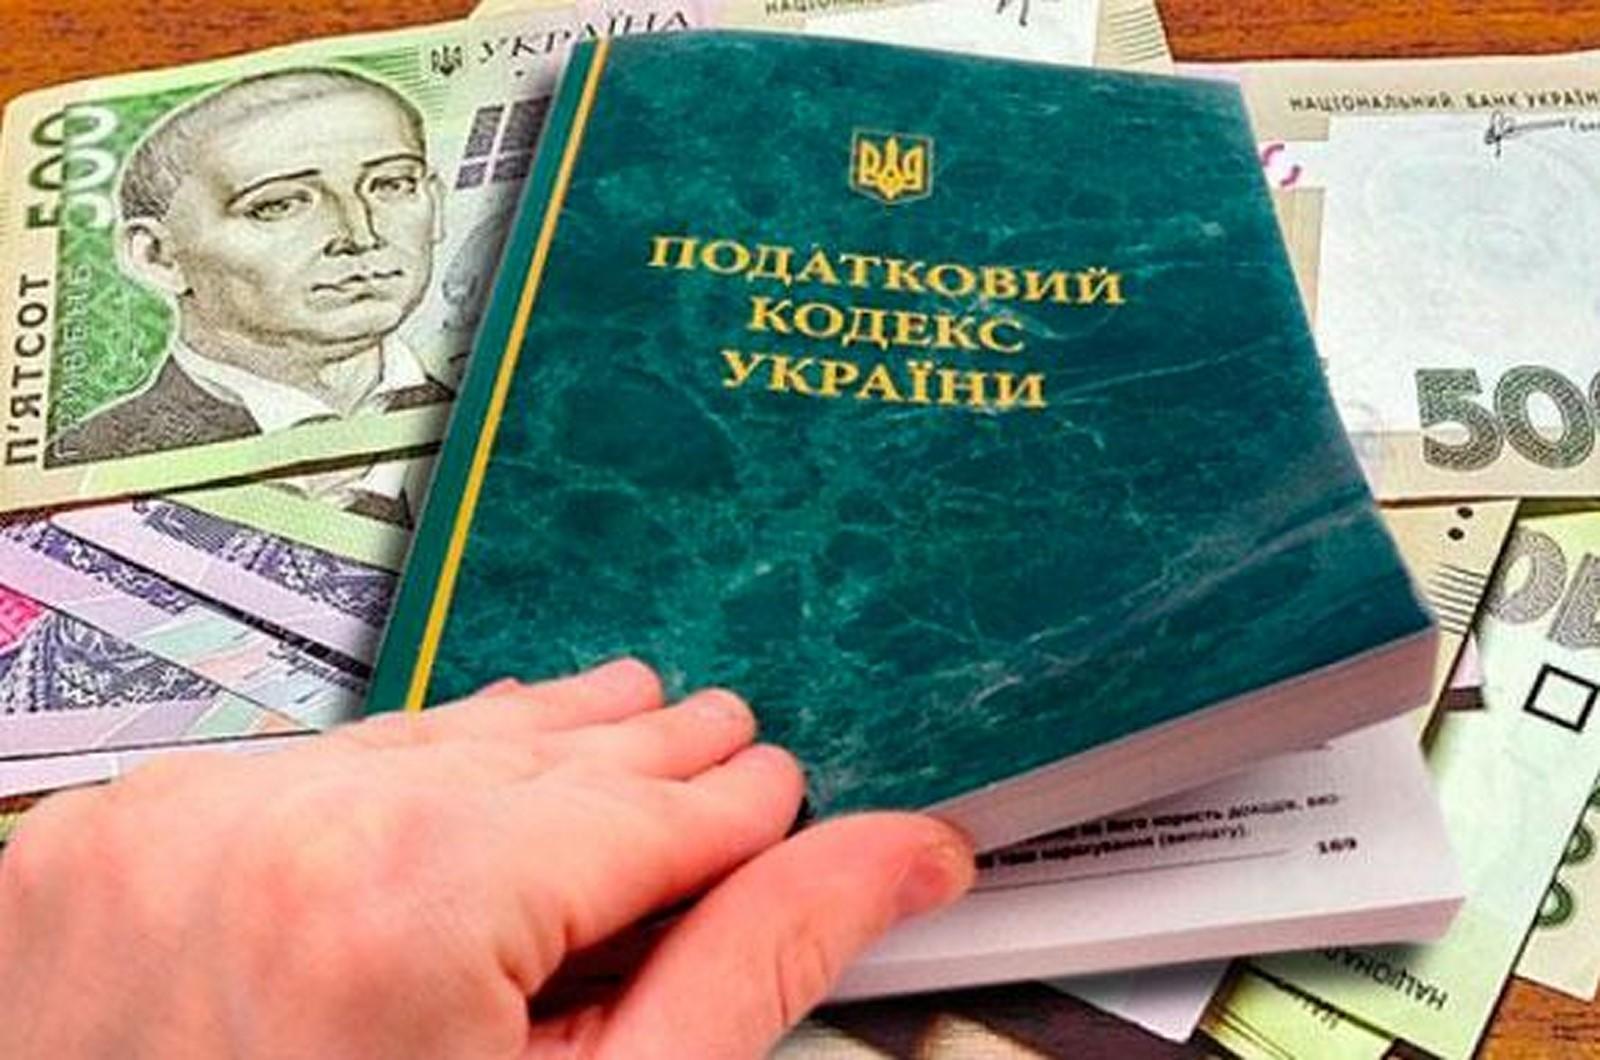 Steuerkodex der Ukraine - Податковий кодекс України - Налоговой кодекс Украины